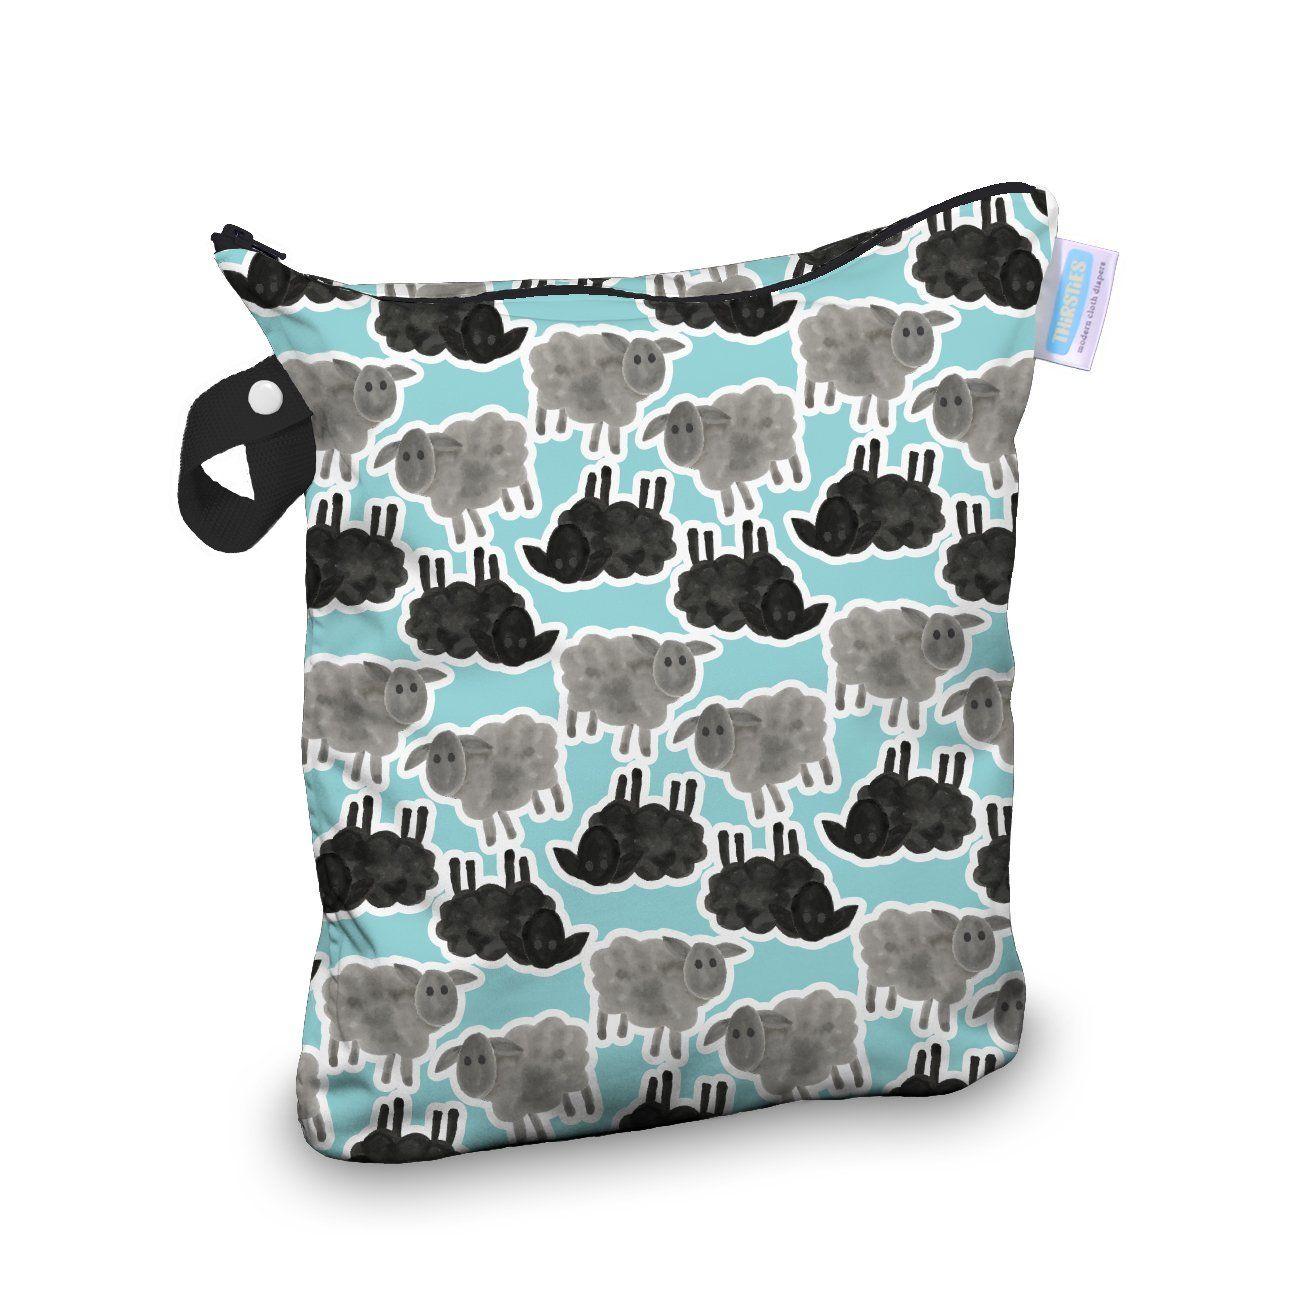 Thirsties Wet Bag | Wet bag, Diaper bag, Cloth diaper pail